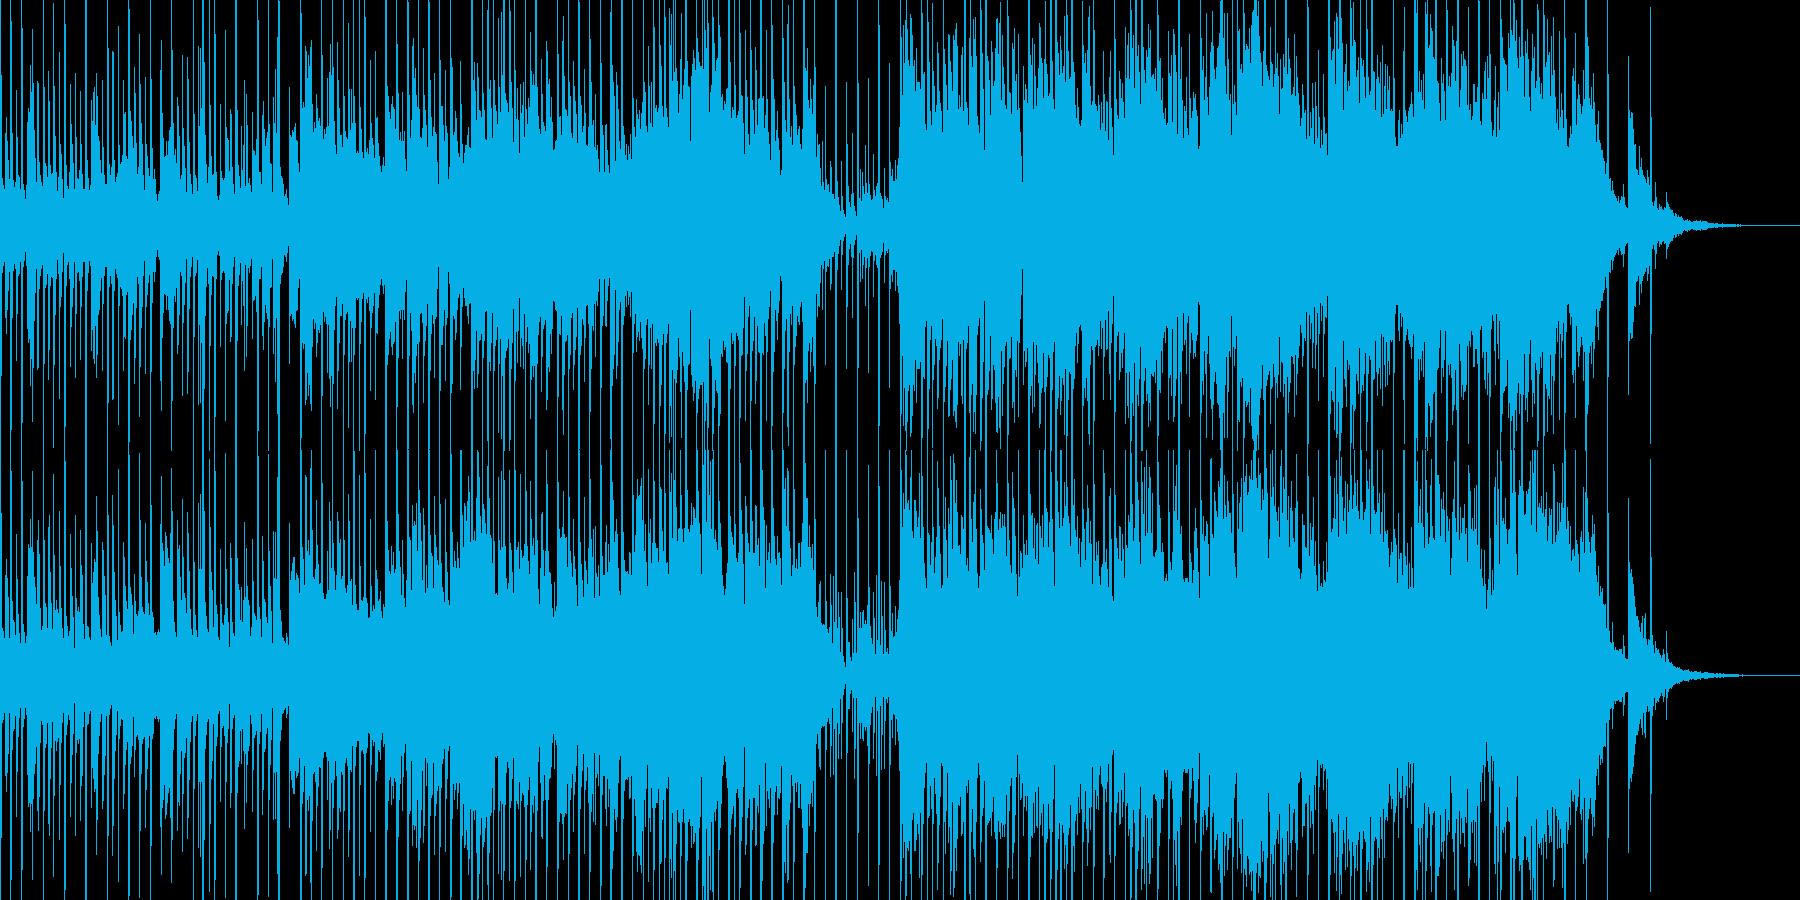 古代文明がテーマの不思議な曲の再生済みの波形